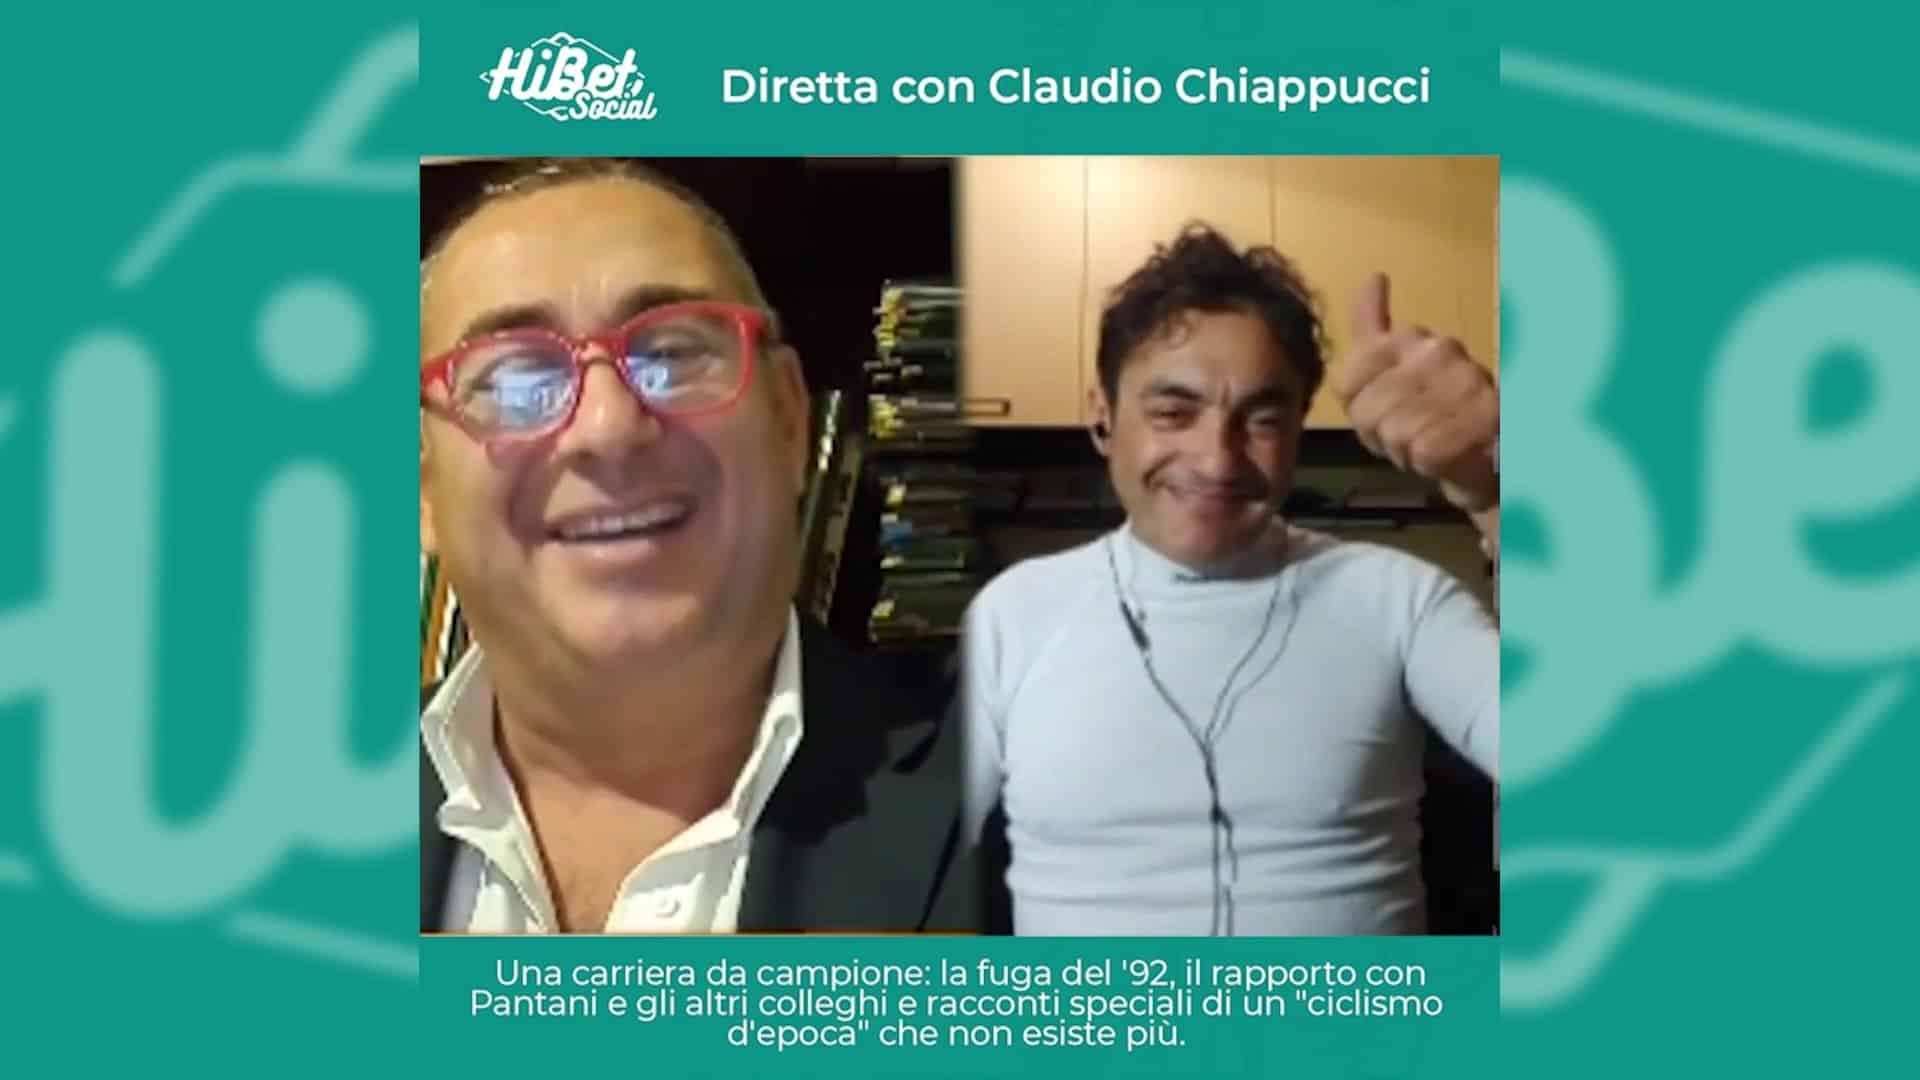 La nostra diretta con Claudio Chiappucci, uno dei più grandi ciclisti italiani